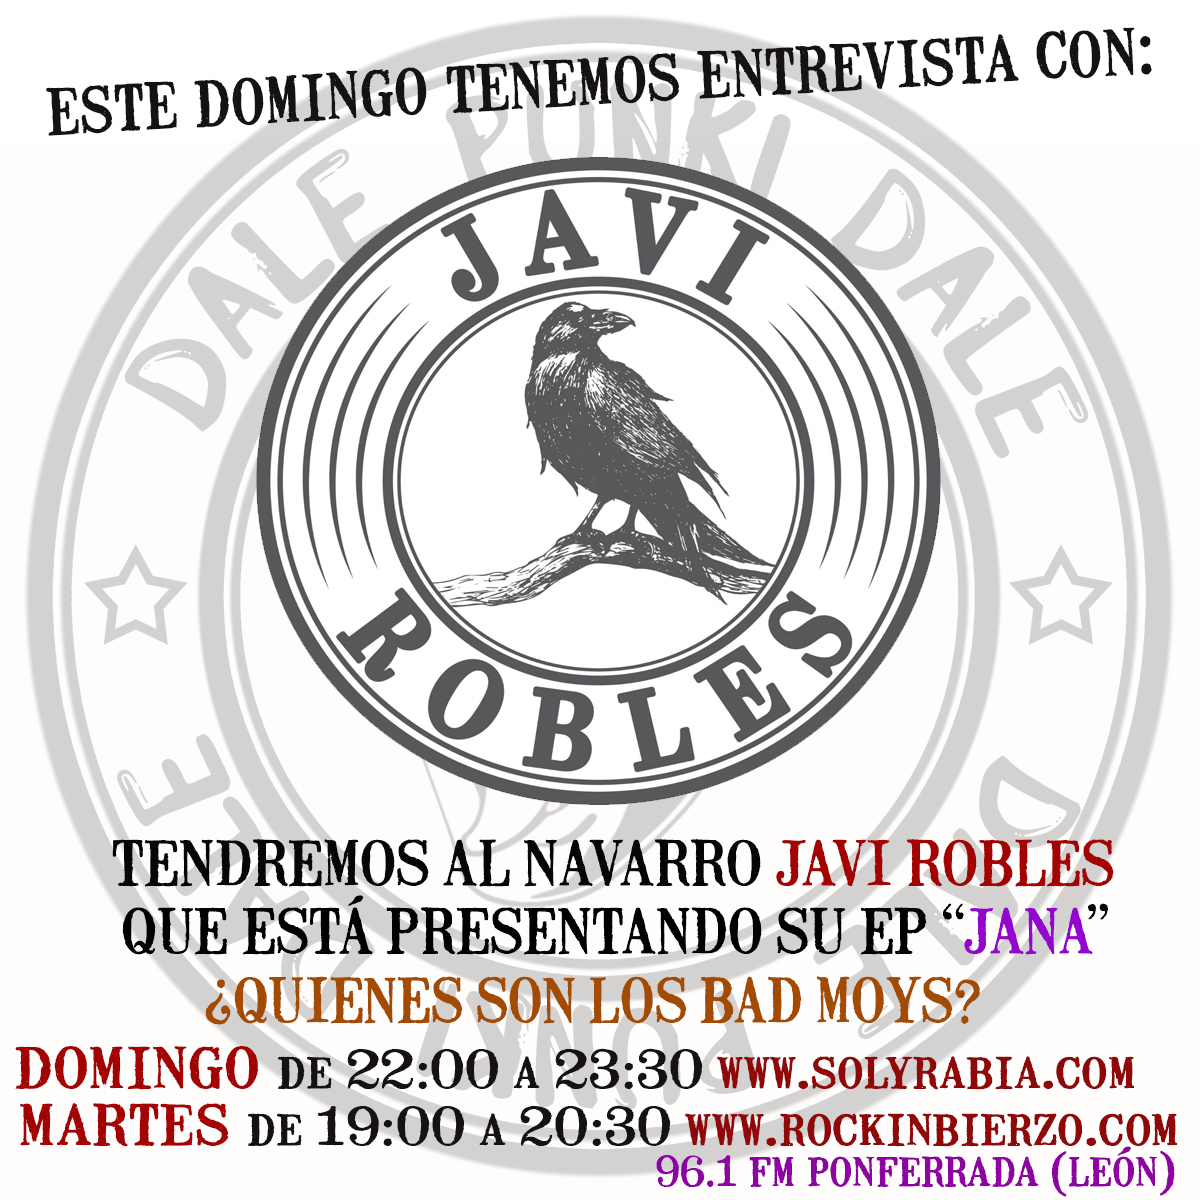 A las 22:00 h el programa @dalepunkidale viene con entrevista a Javi Robles para hablar de su primer EP https://t.co/augJlg2POJ